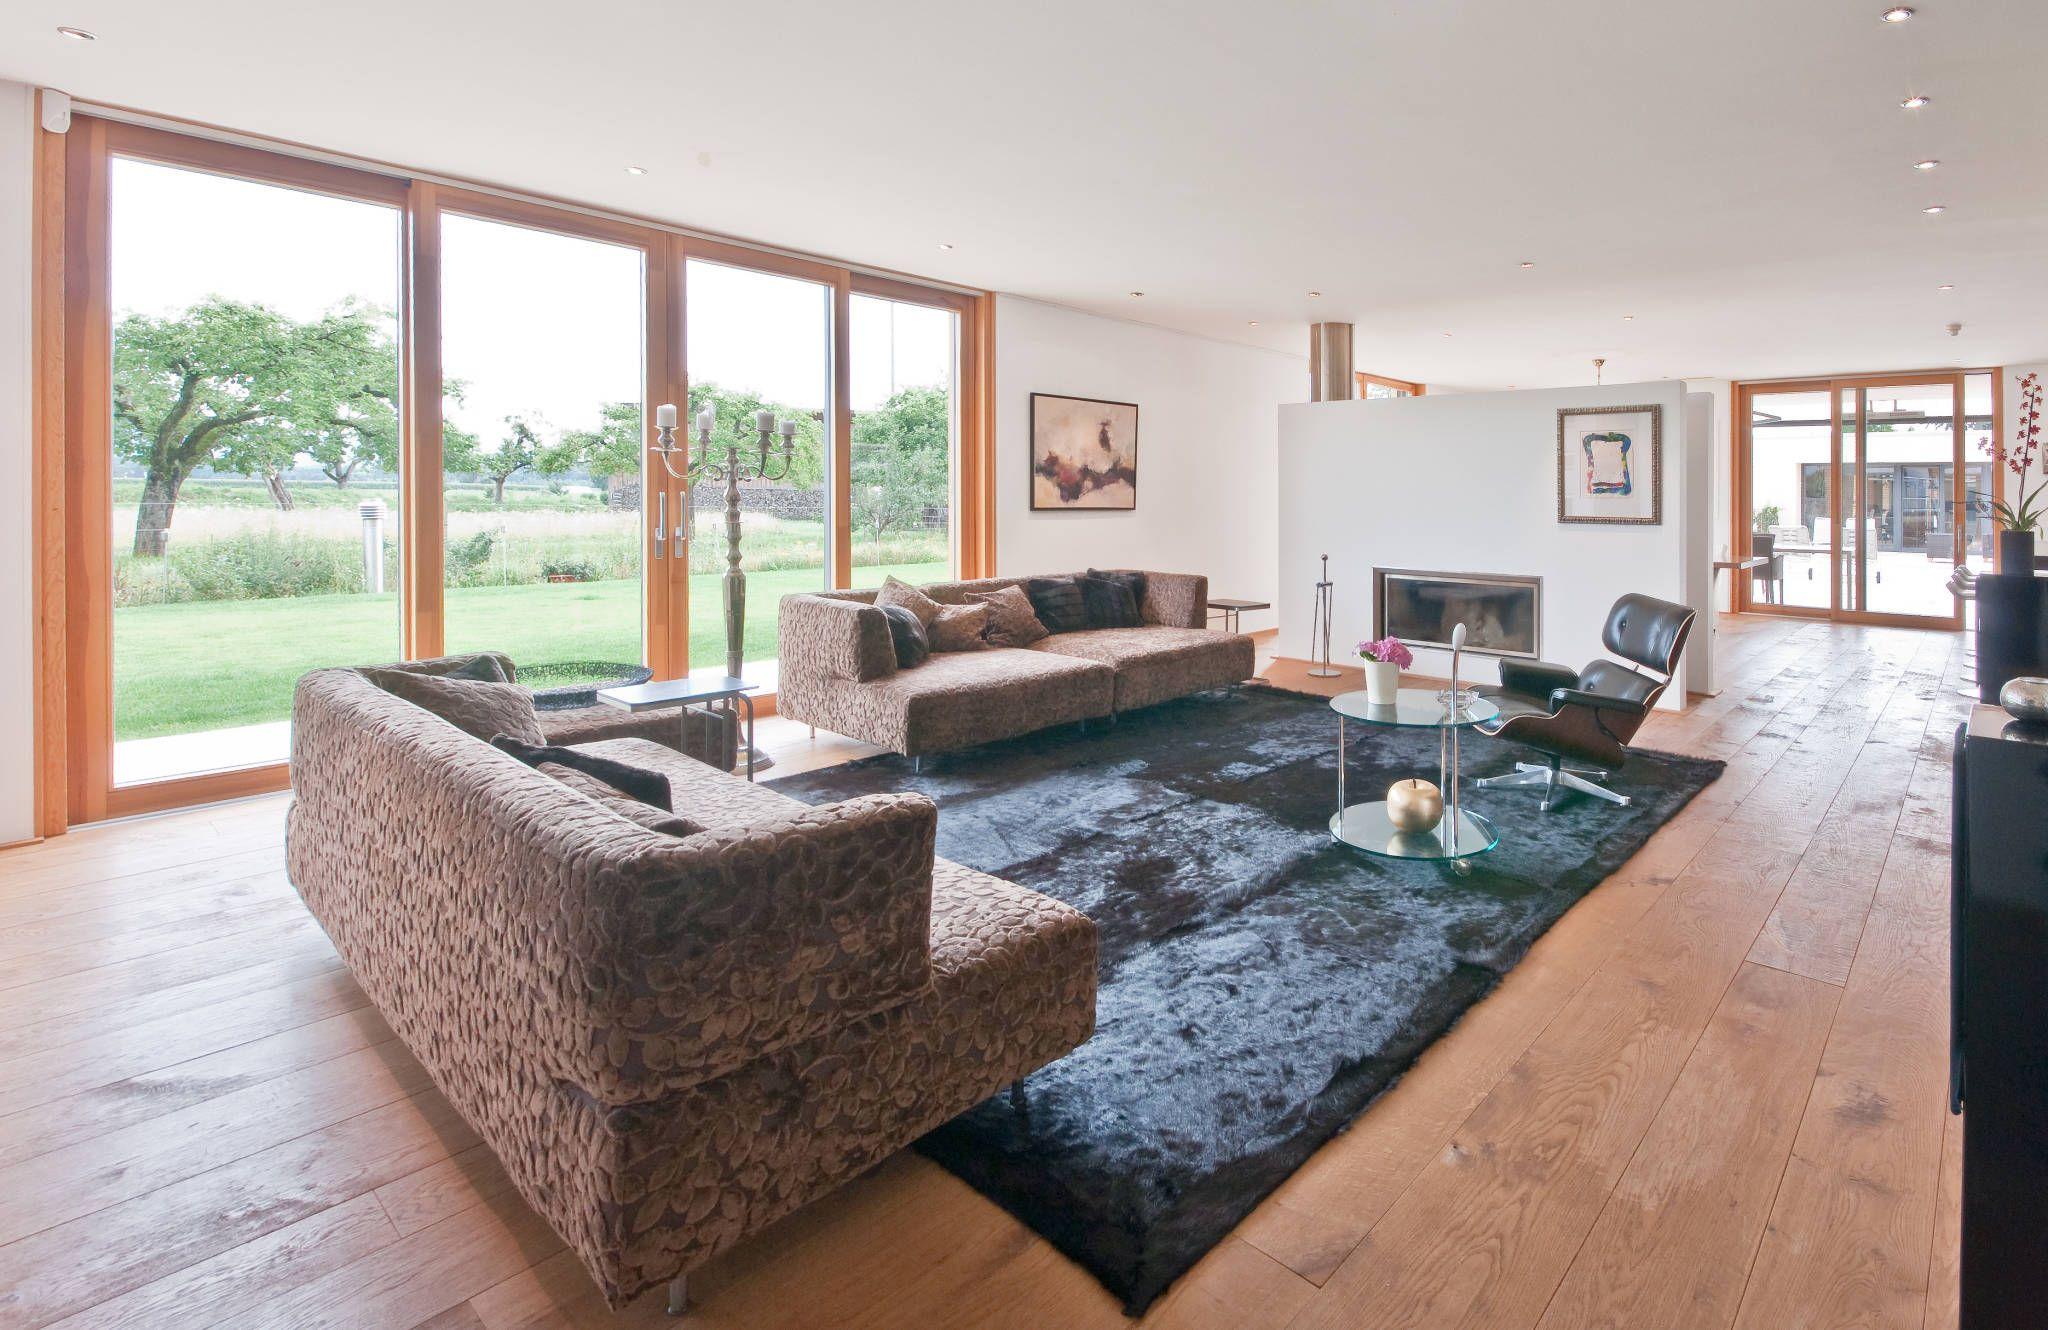 Unglaublich Wohnzimmer Bilder Modern Das Beste Von Moderne Bilder: Schutterwald